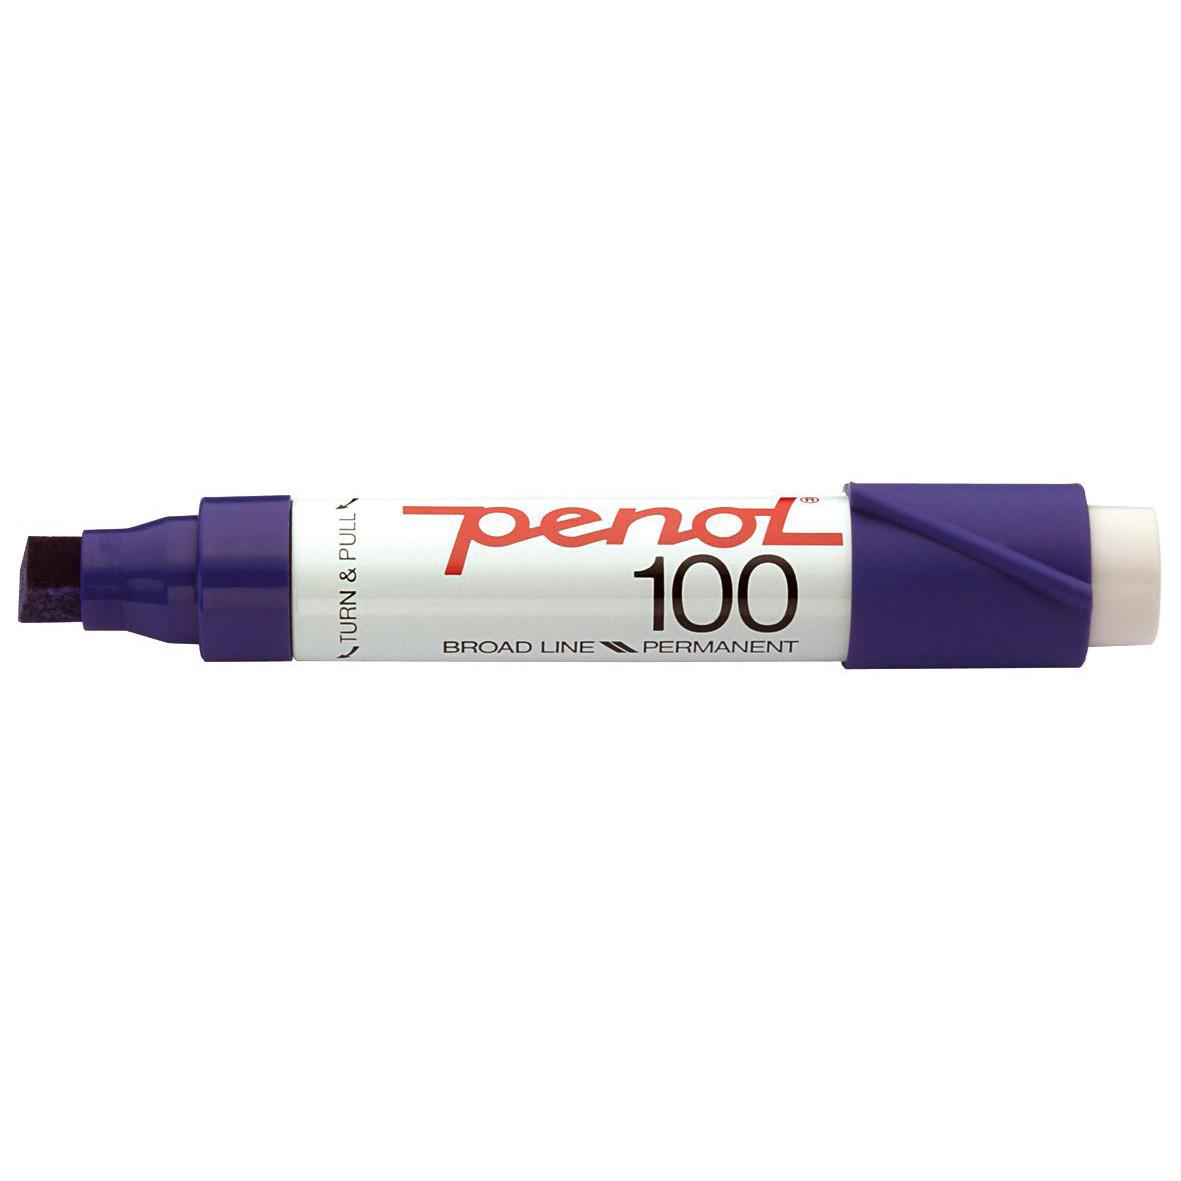 Penol 100 - Sprittusch blå 3-10 mm